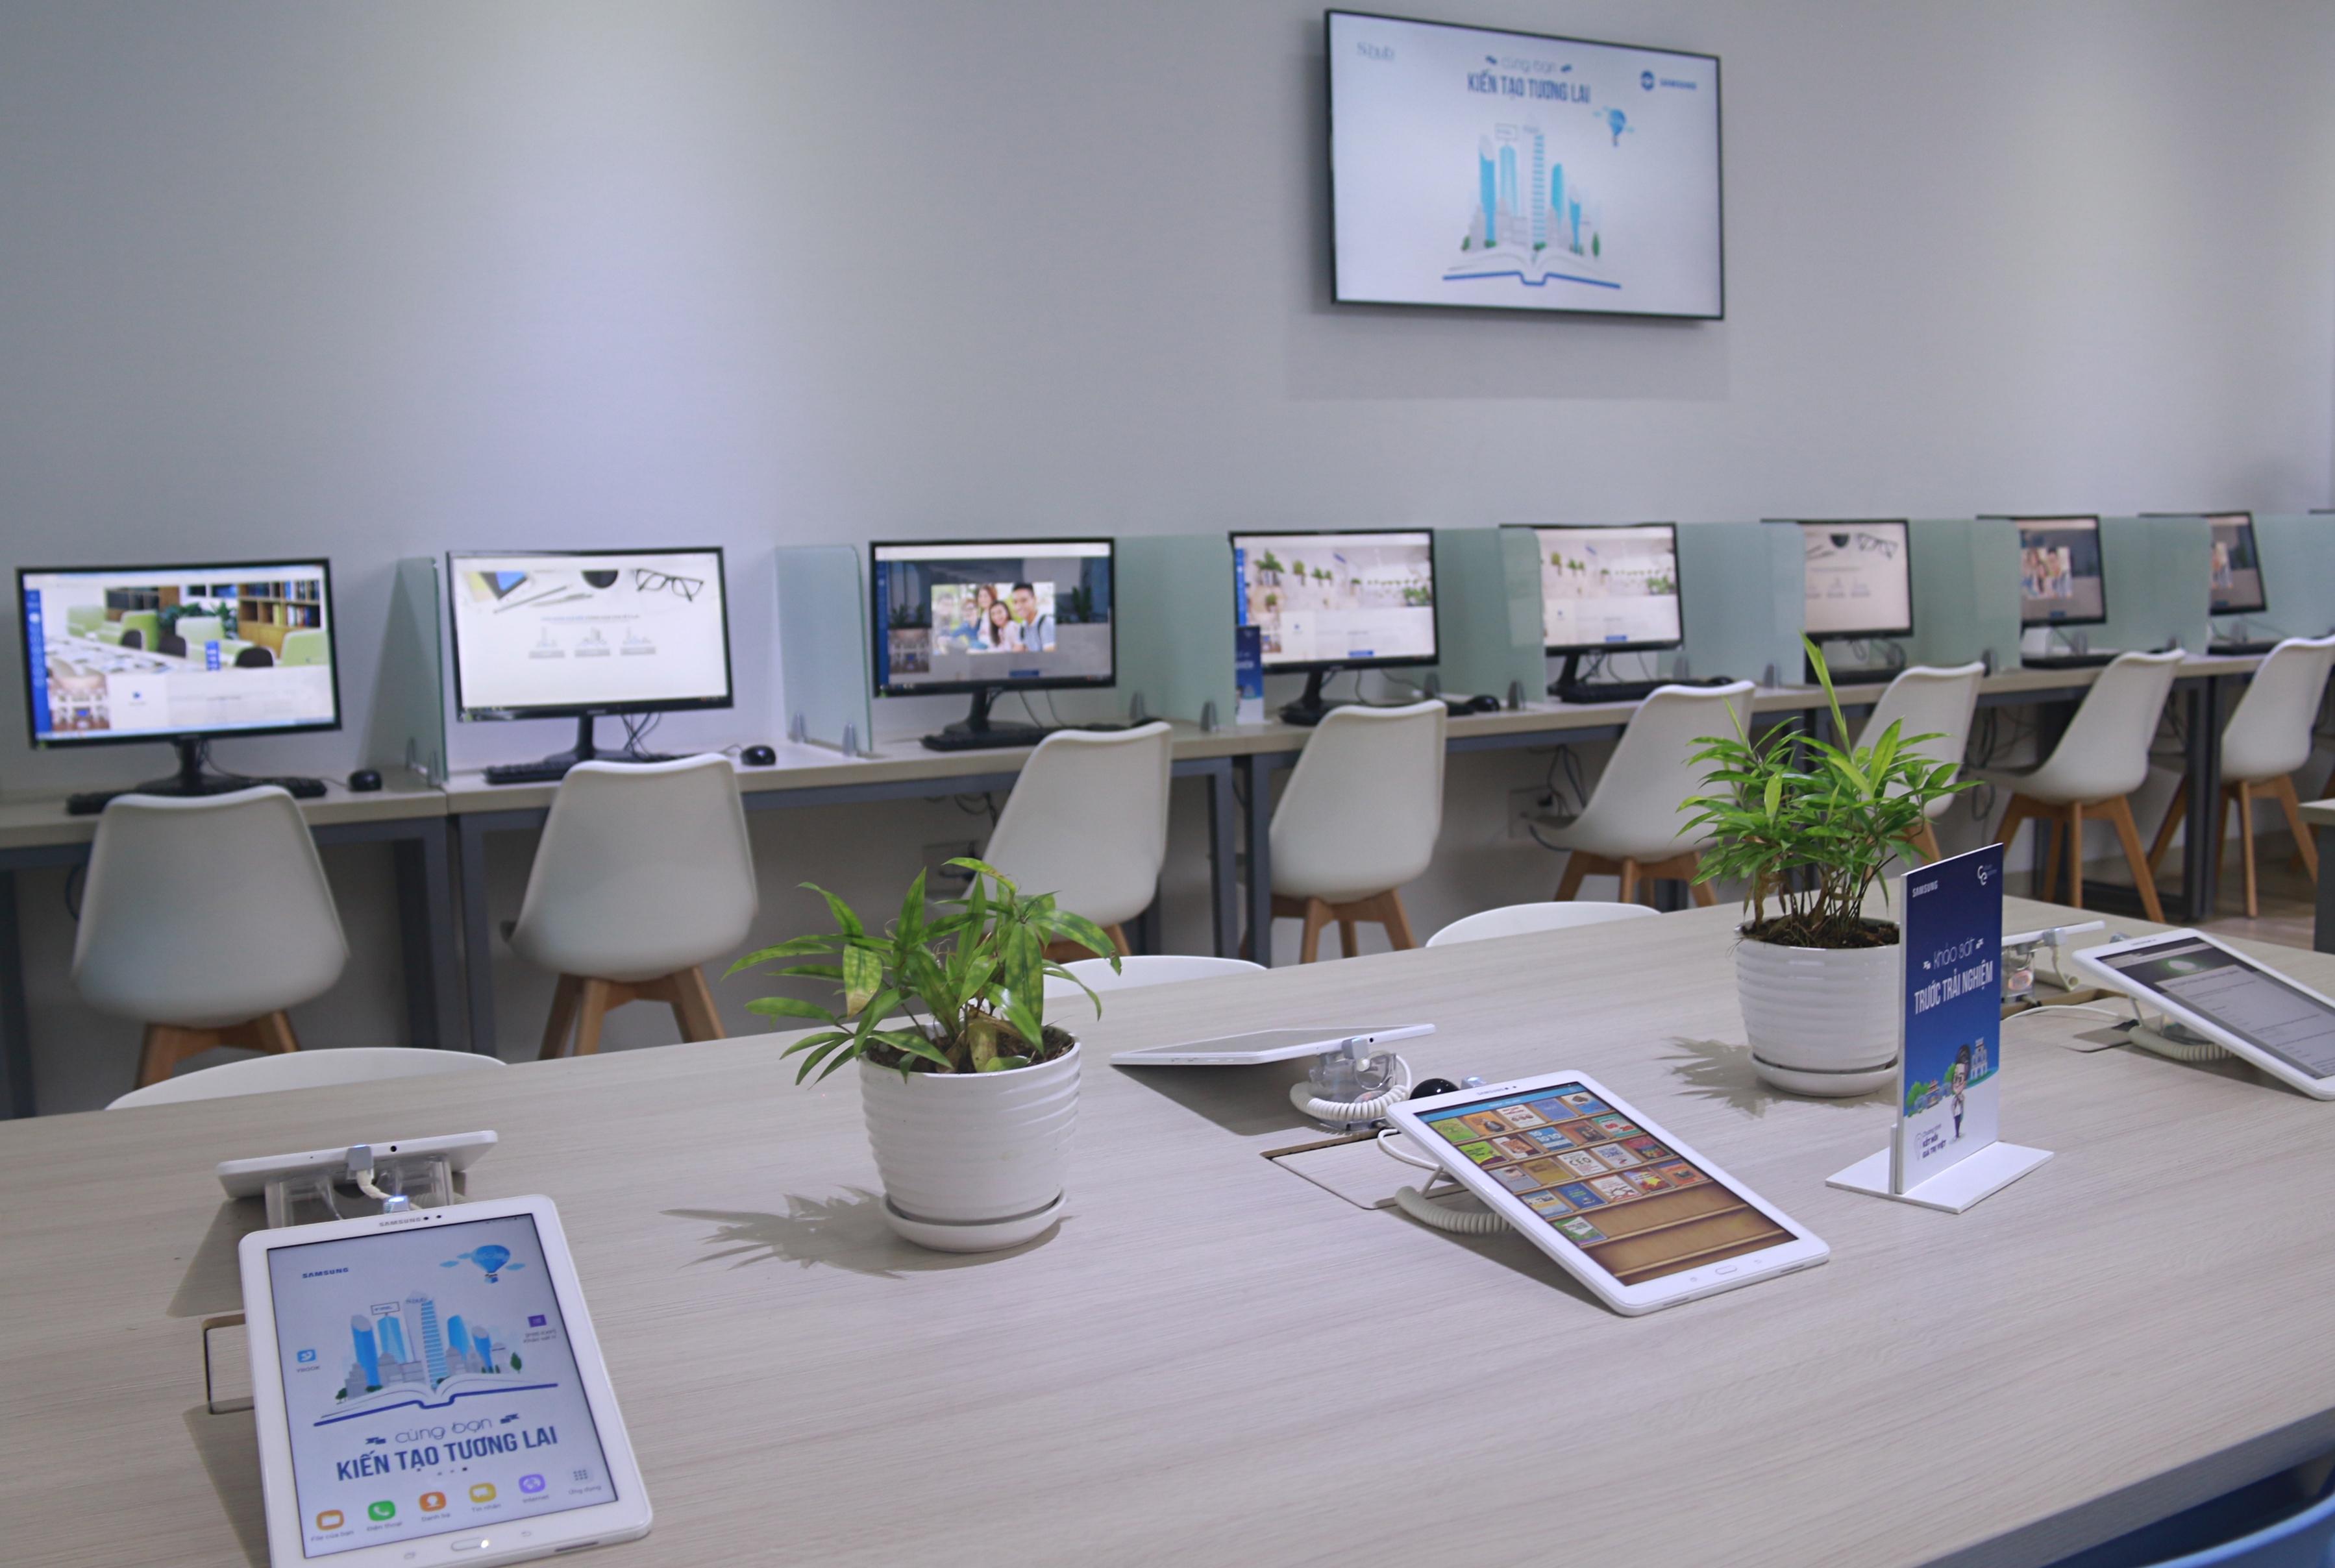 S.hub - không gian chia sẻ tri thức cực hot dành cho giới trẻ Đà Nẵng - Ảnh 5.